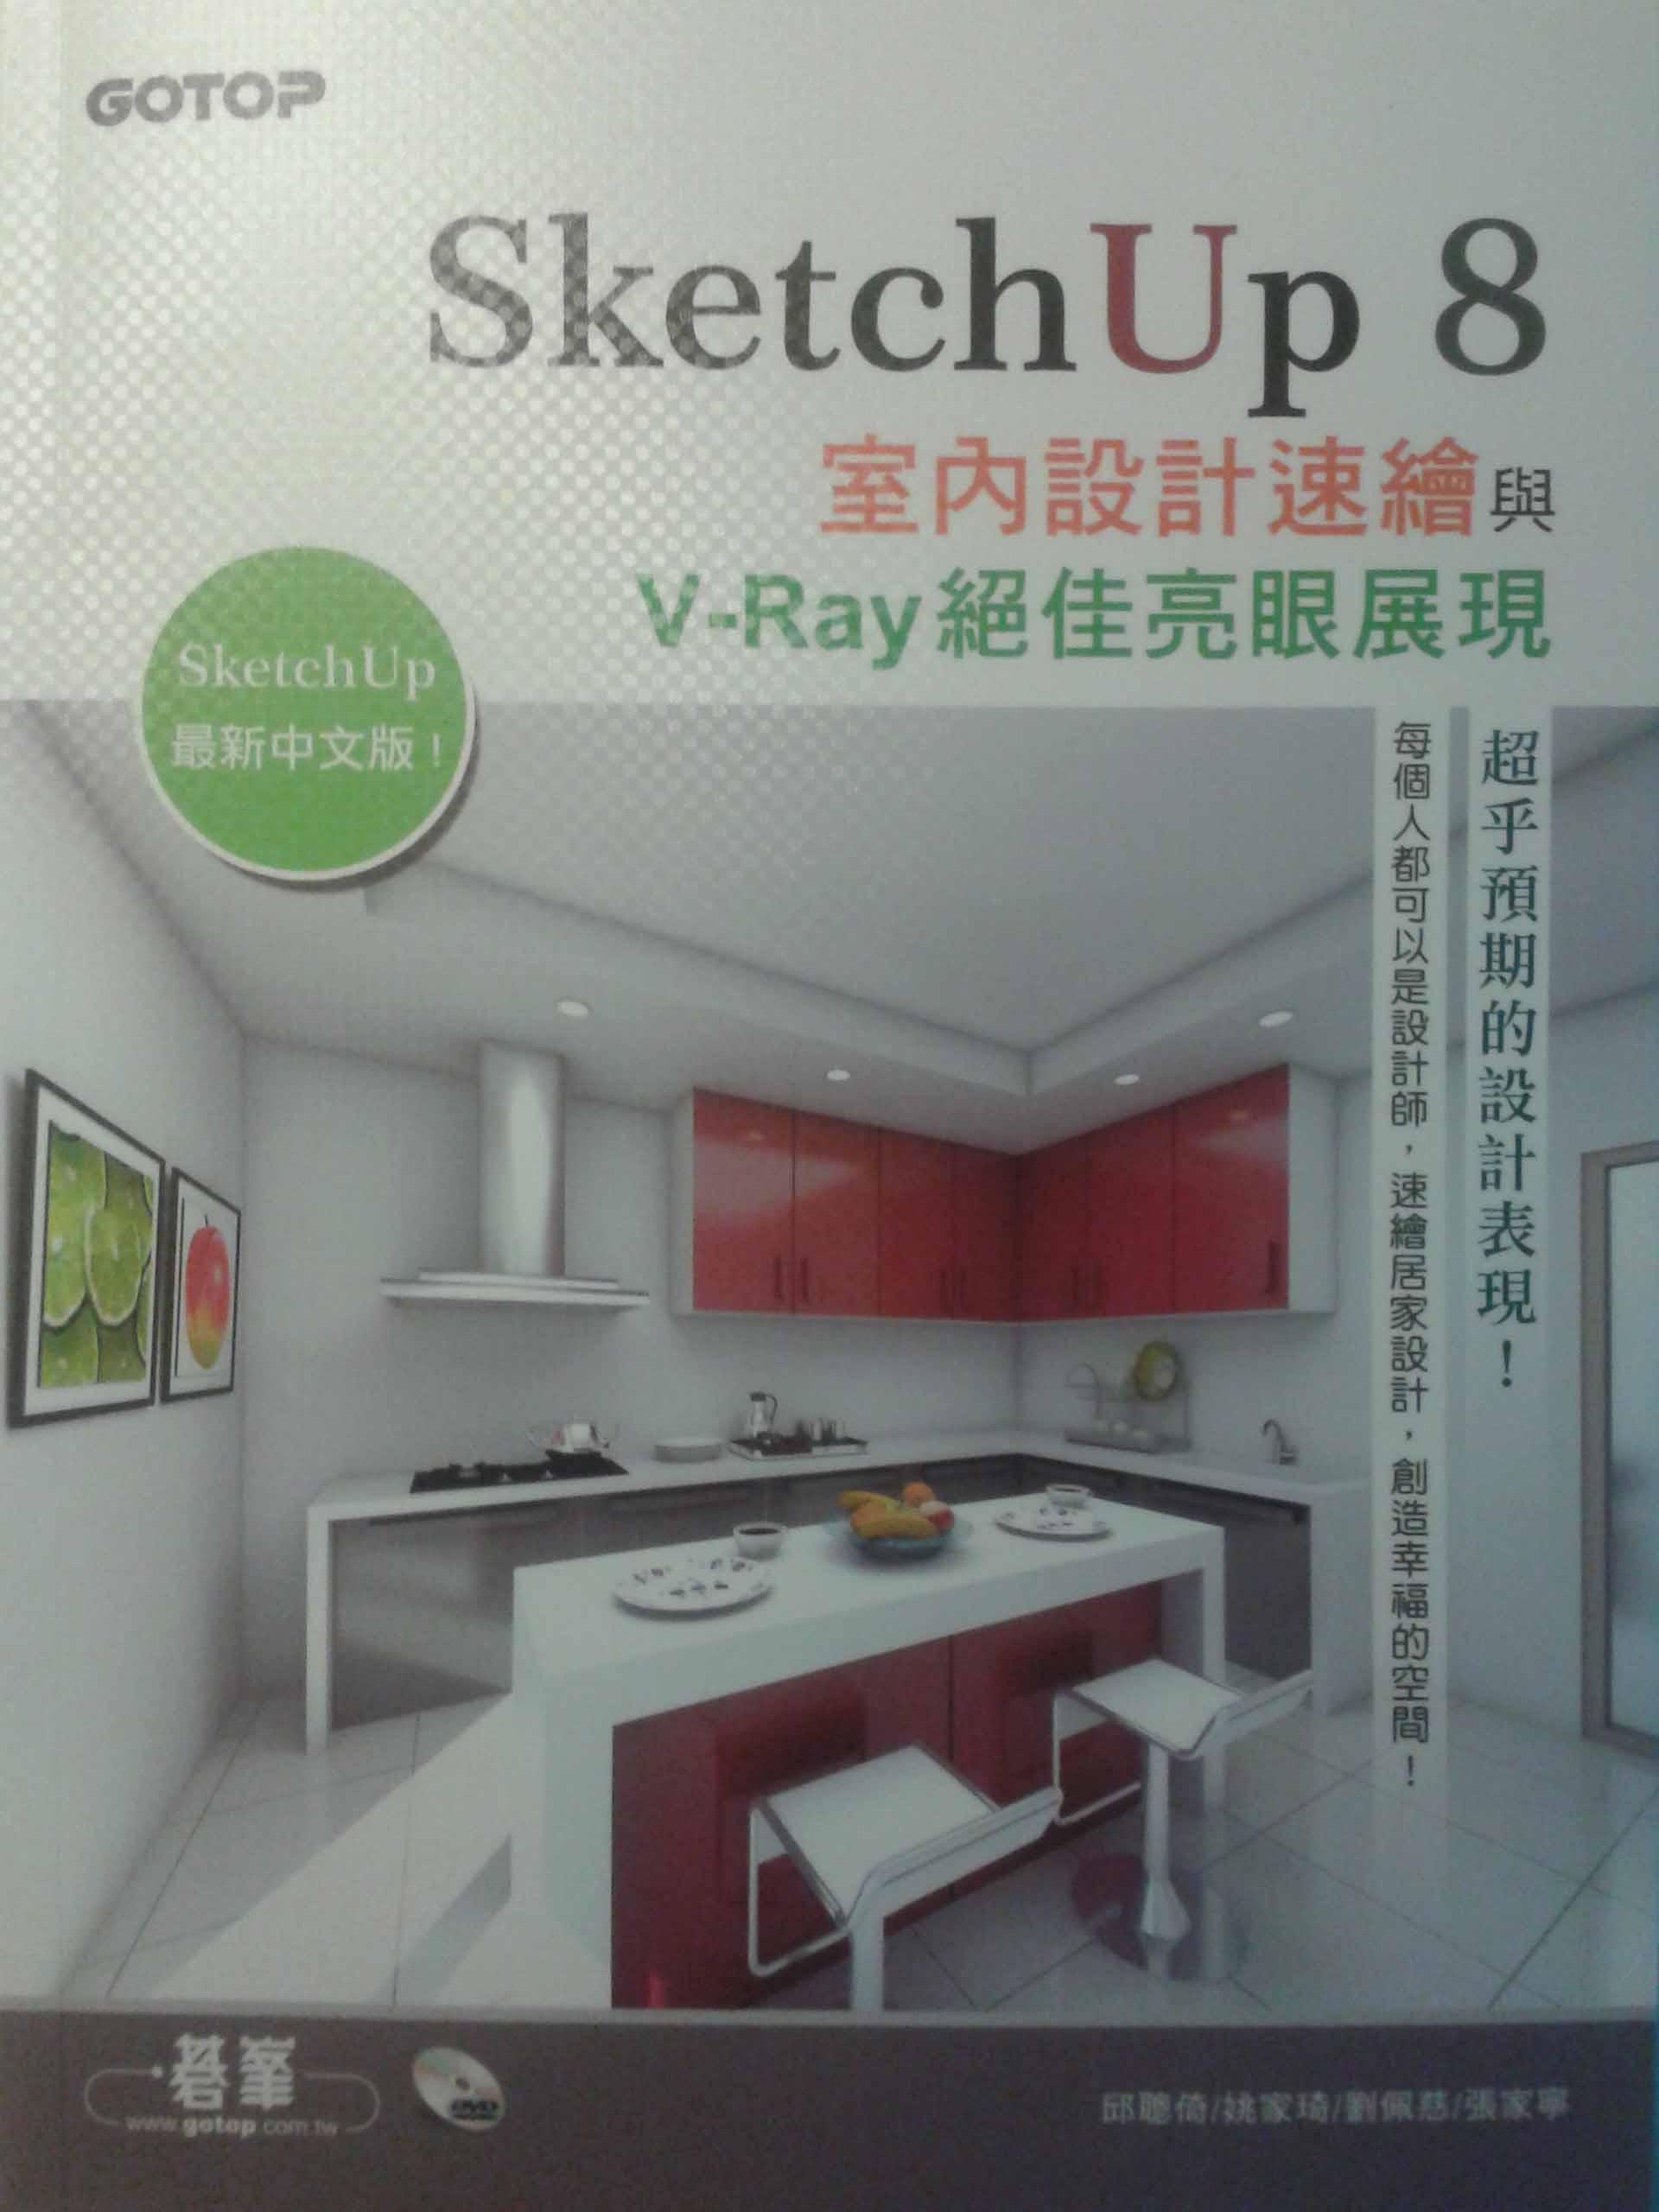 SketchUp 8 室內設計速繪與V-Ray絕佳亮眼展現